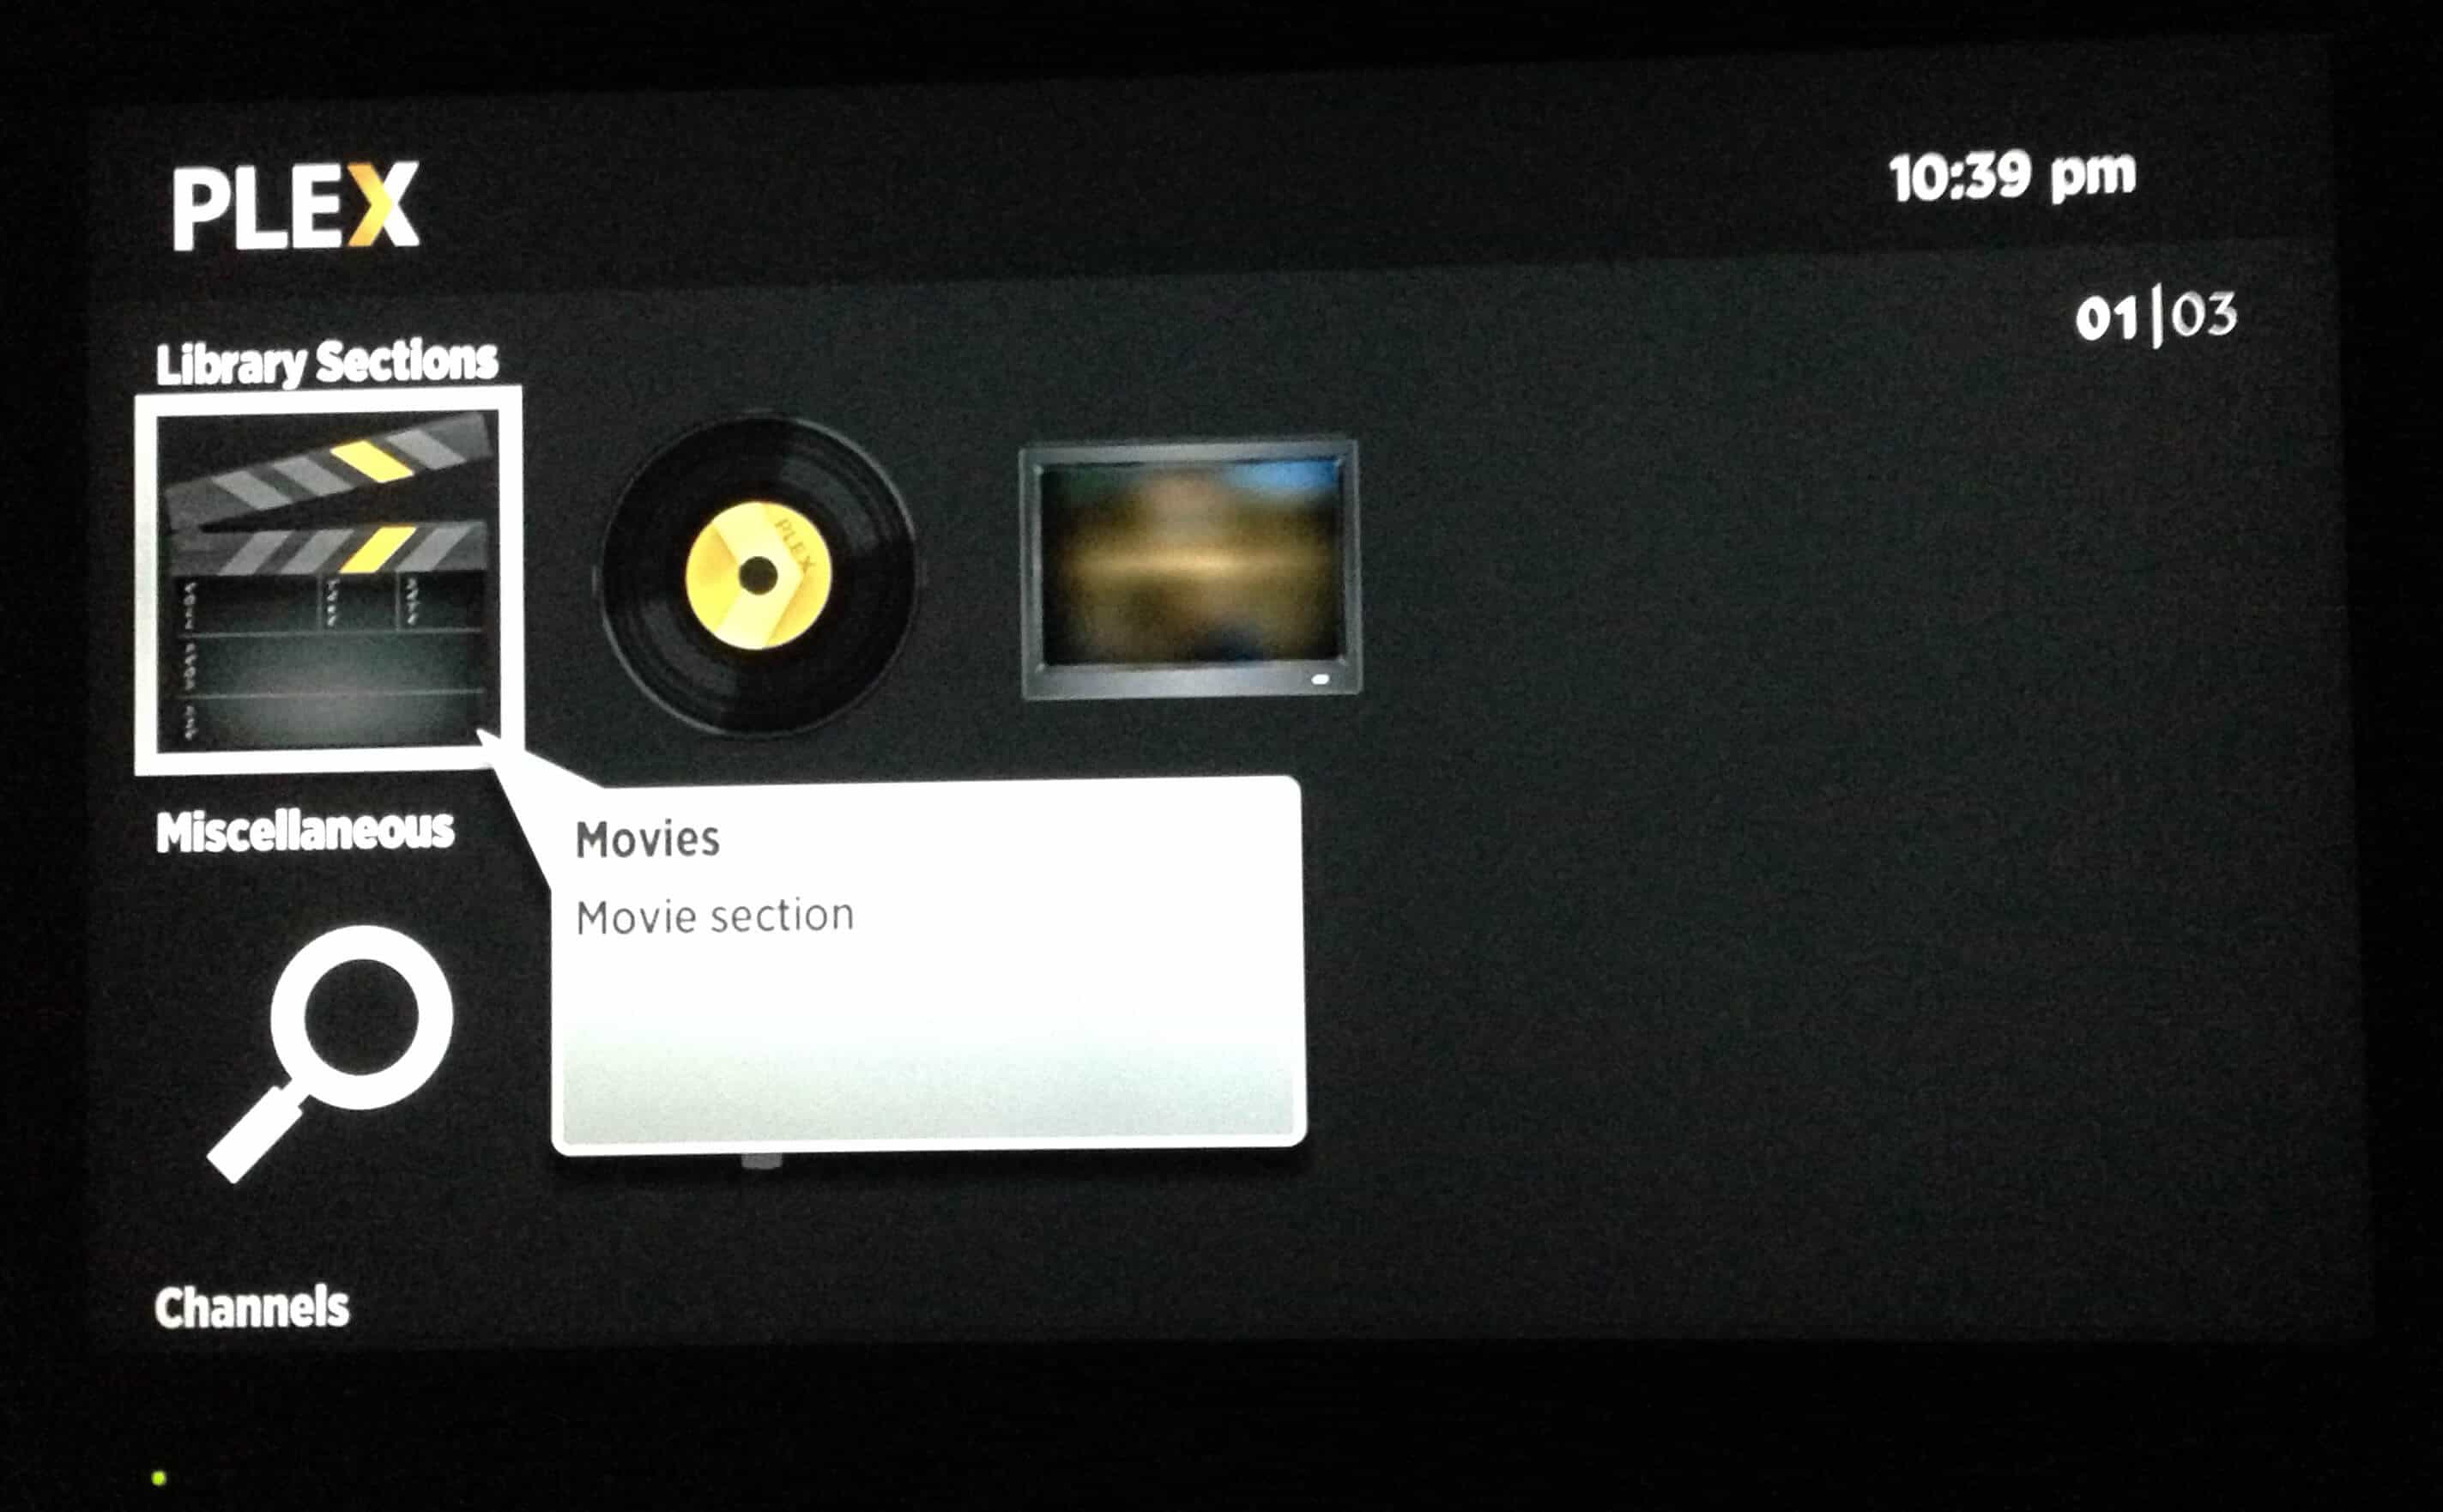 Plex on Roku: New Plex Channel on Roku Devices